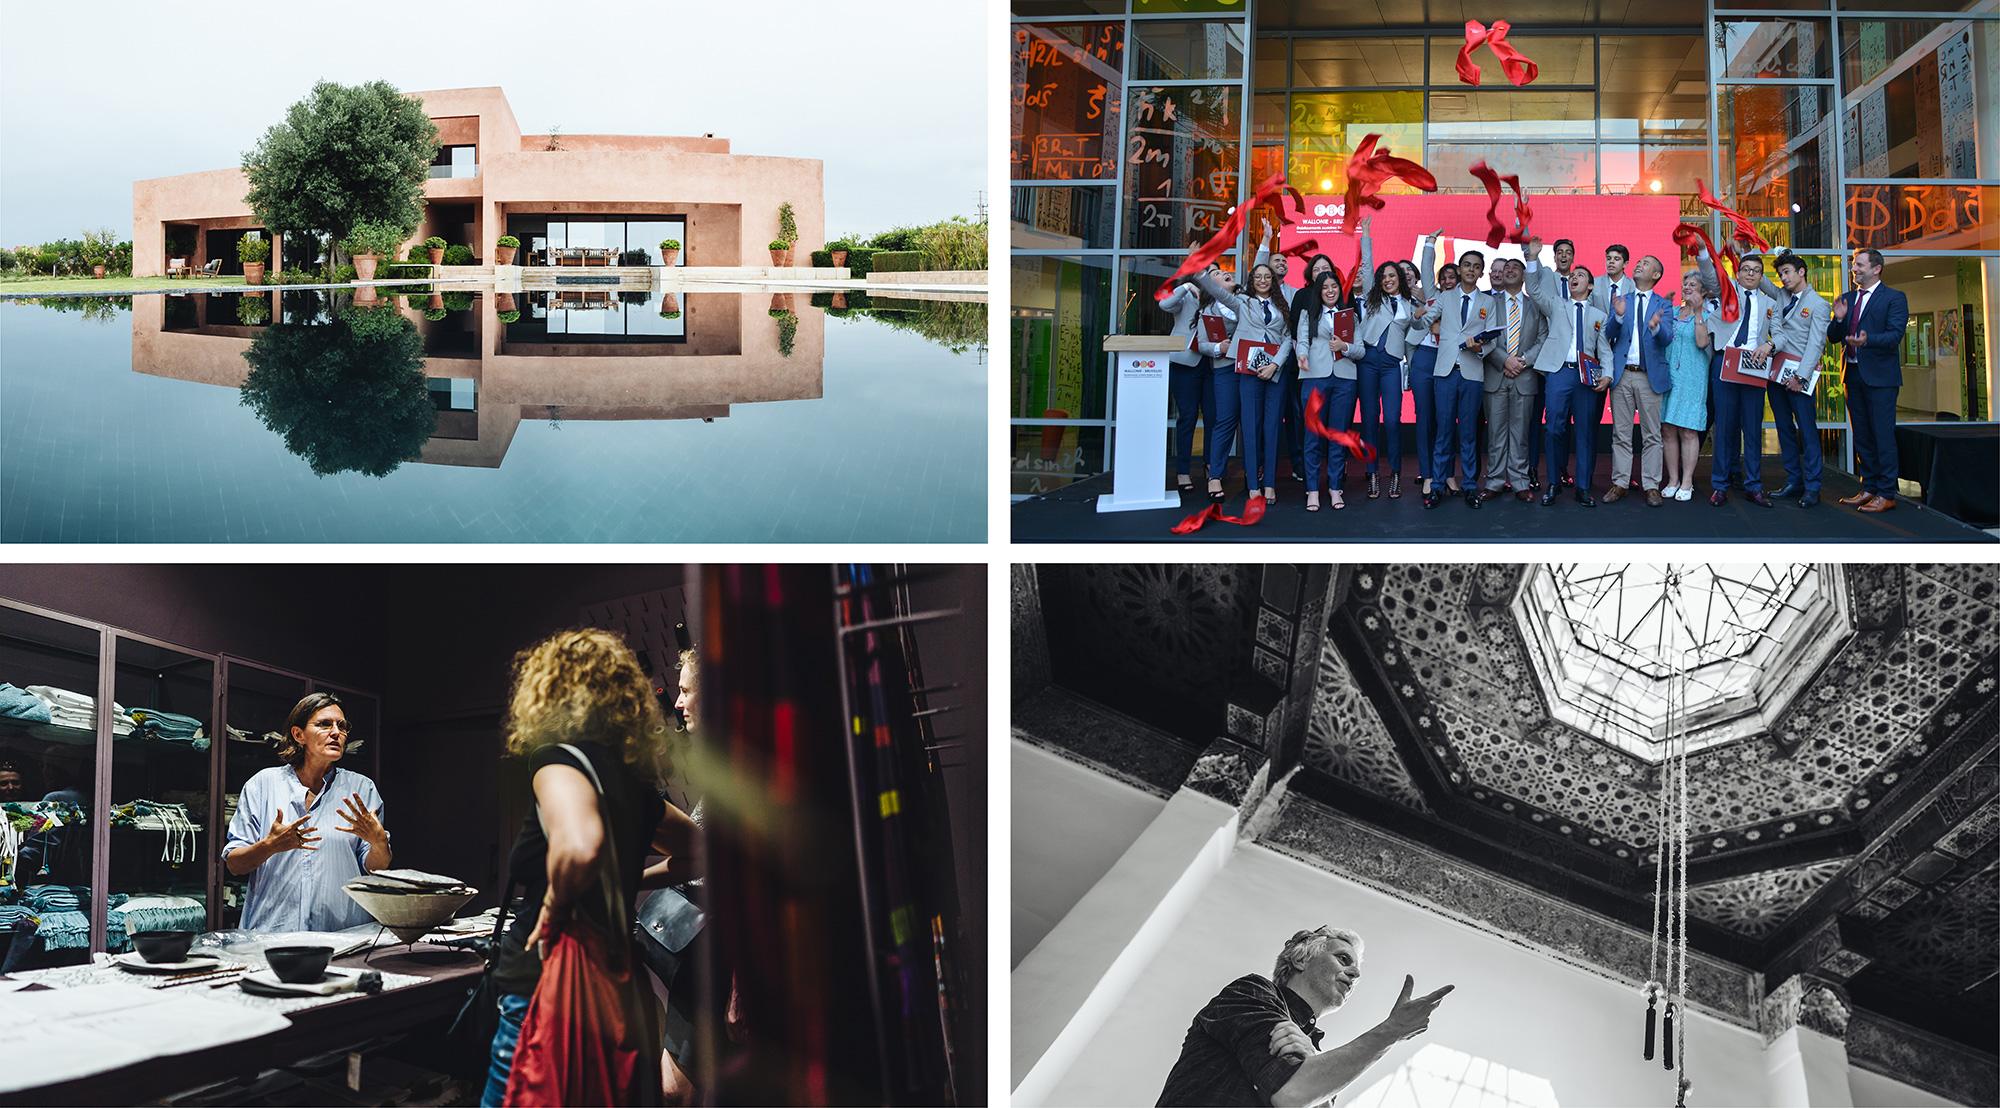 Photo en haut à droite : la première promotion des diplômés de l'école belge de Casablanca célèbre la fin de leur parcours scolaire en juin 2019 en présence du Ministre Amzazi